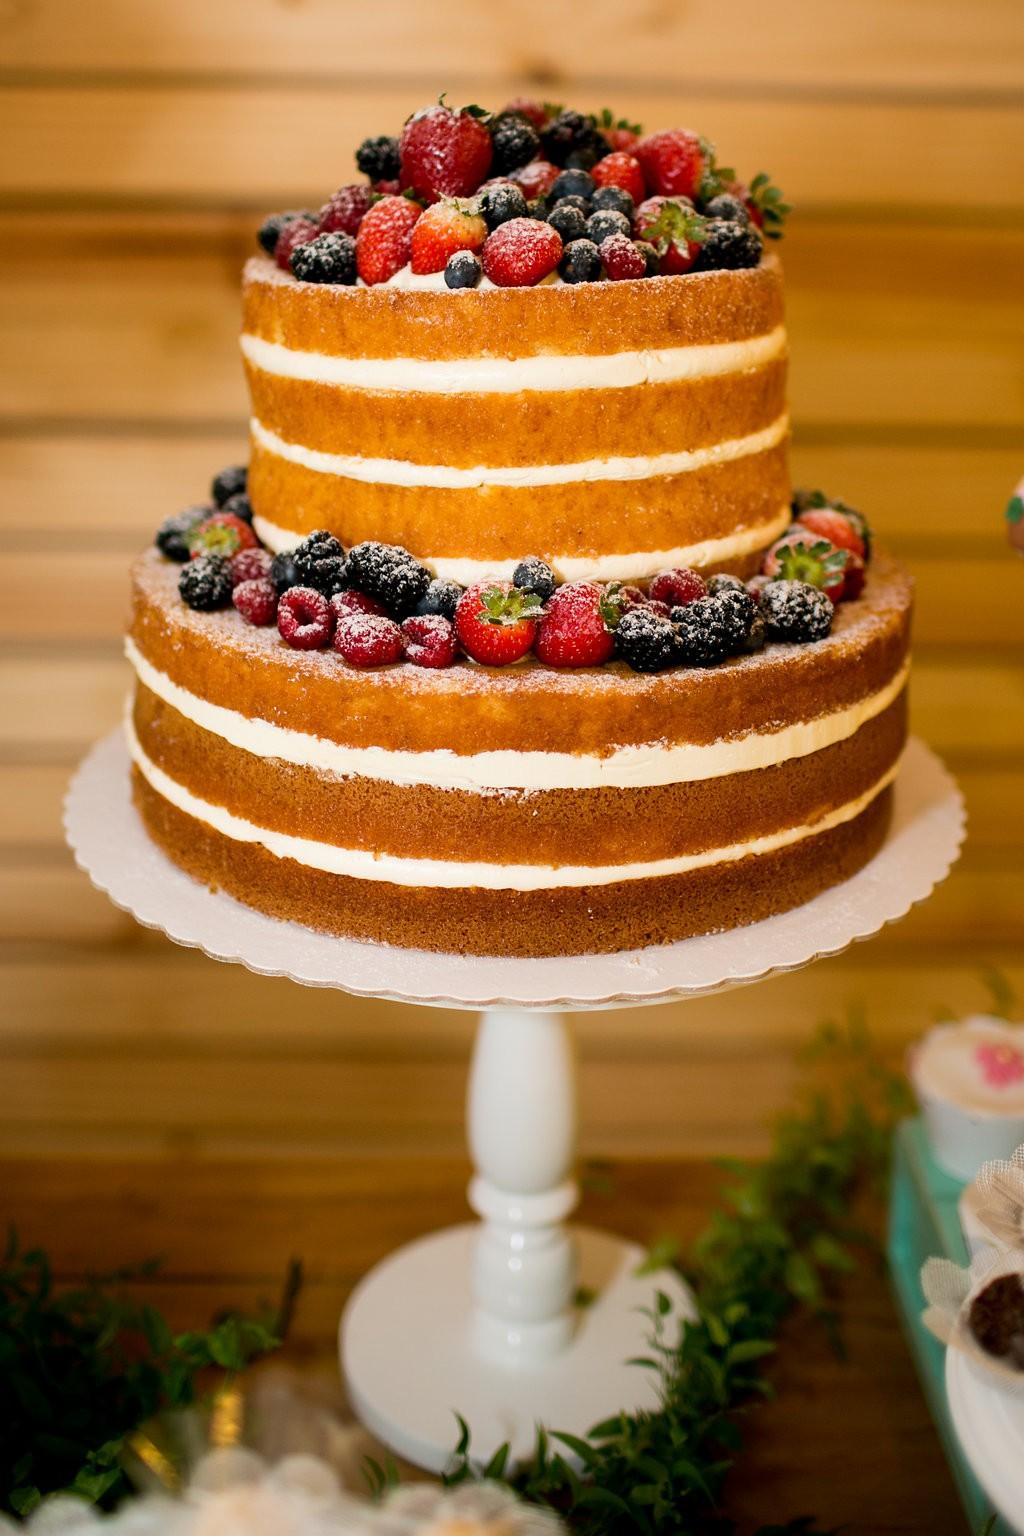 Naked cake com massa amanteigada de baunilha, recheio de doce de leite e frutas vermelhas frescas, da confeitaria Feito com Amor (Foto: Reprodução / Karin Michels Photography)